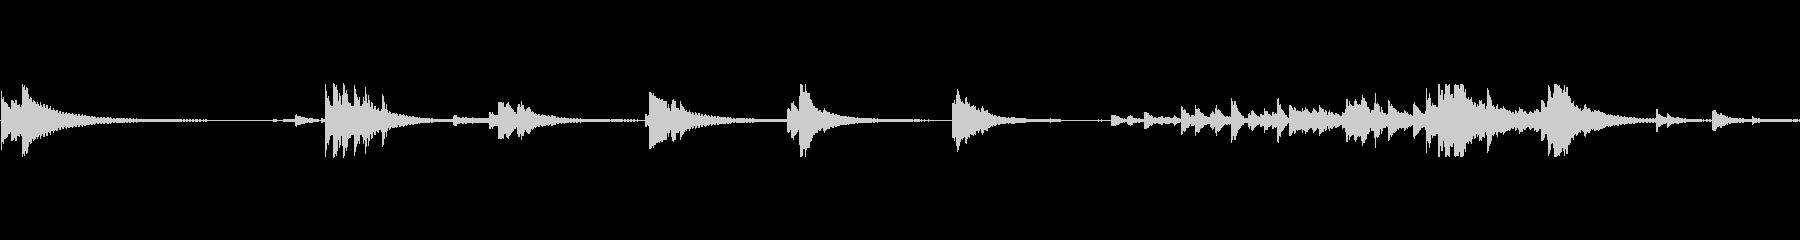 ベルテンプルリング複数gの未再生の波形